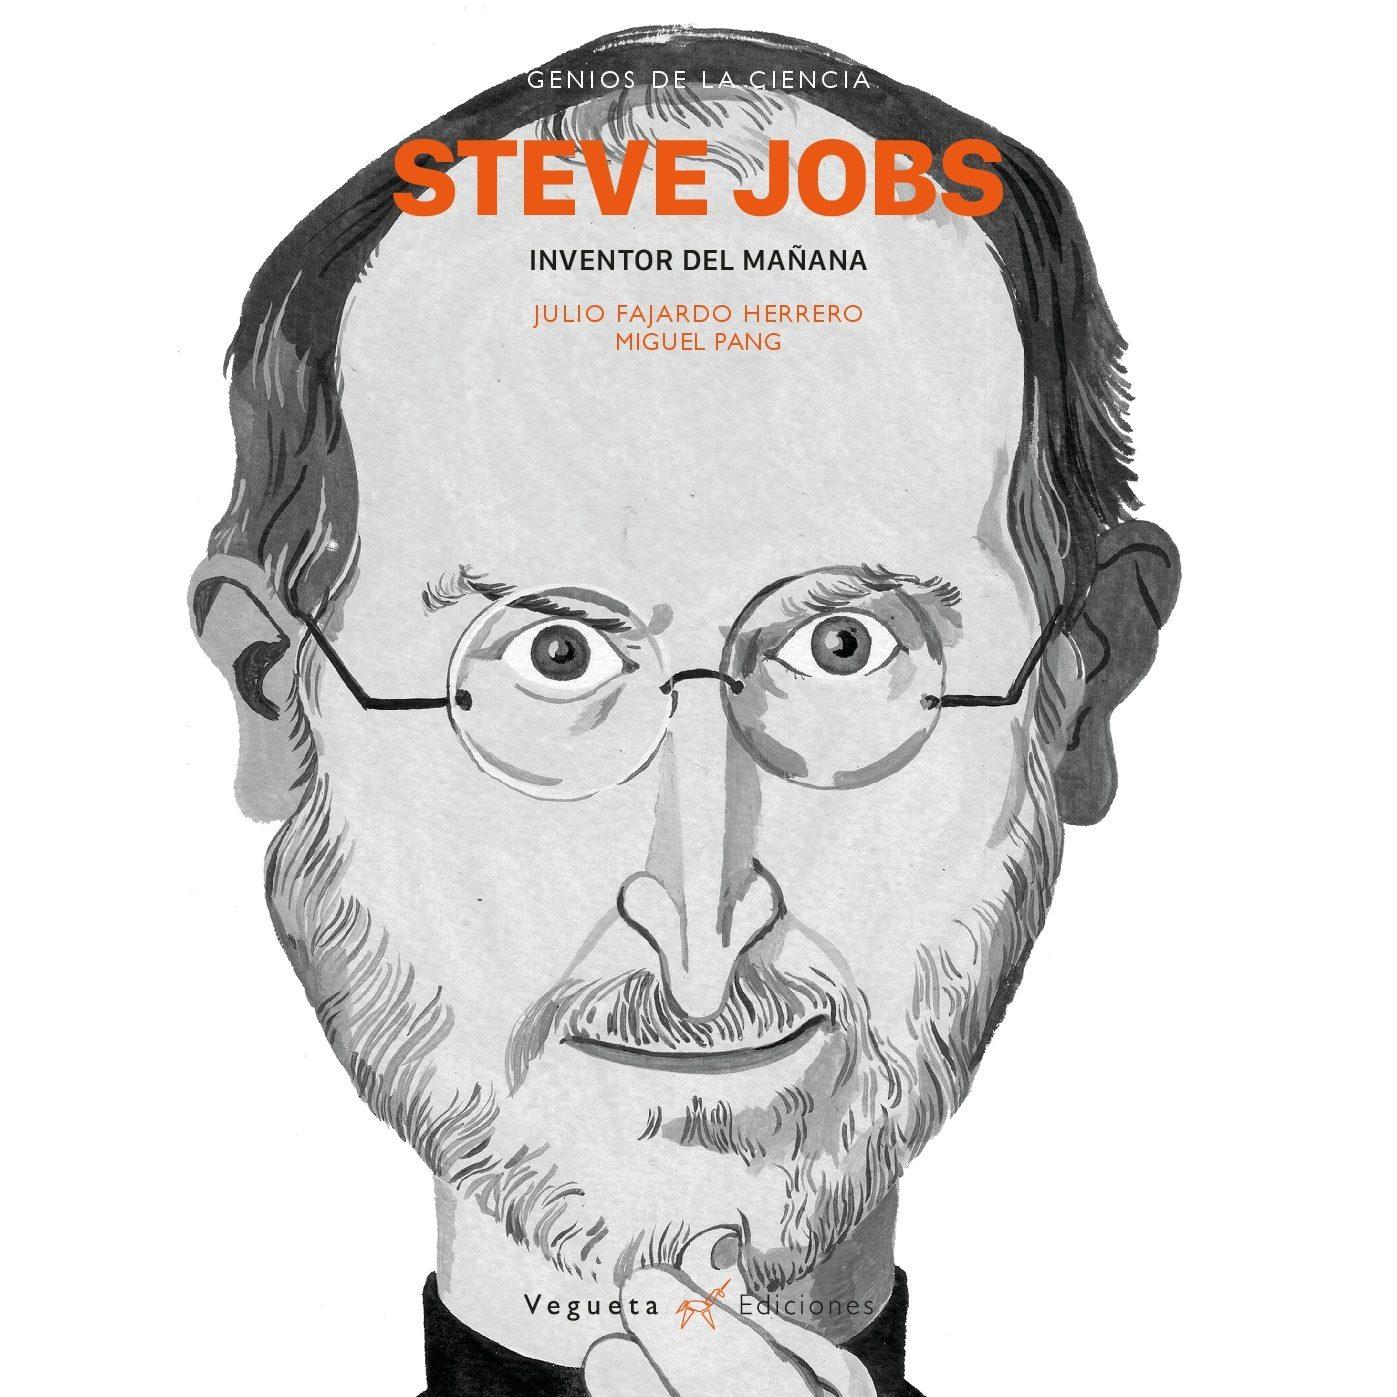 Steve Jobs Inventor Del Manana Julio Fajardo Comprar Libro